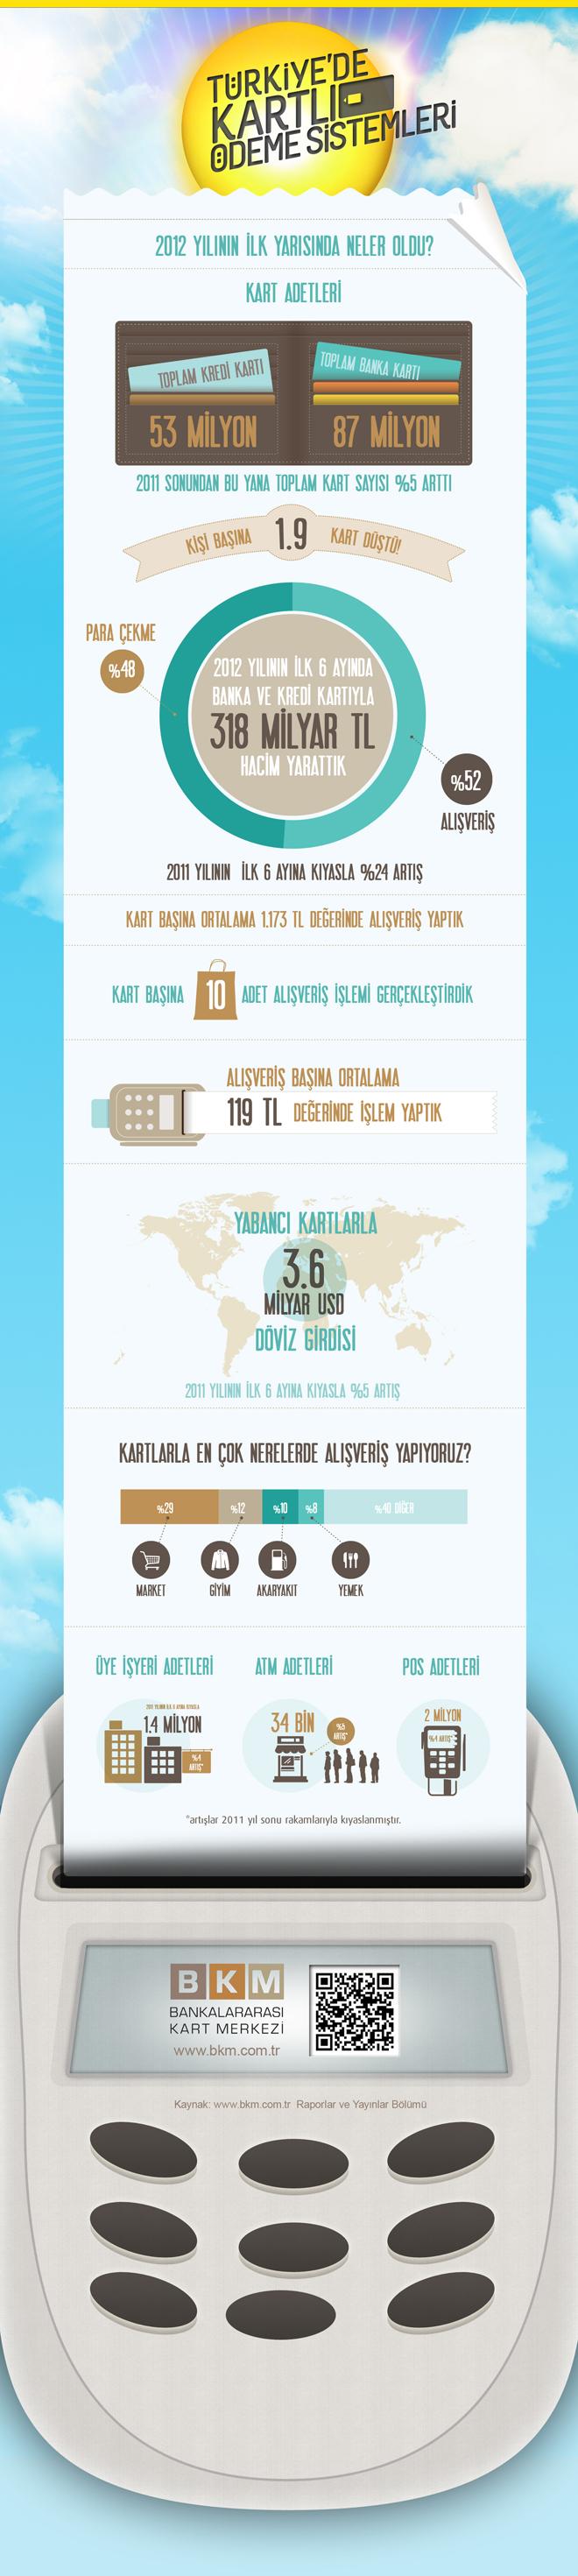 Turkey Card Payments - BKM 2012 İlk Yarı Raporu